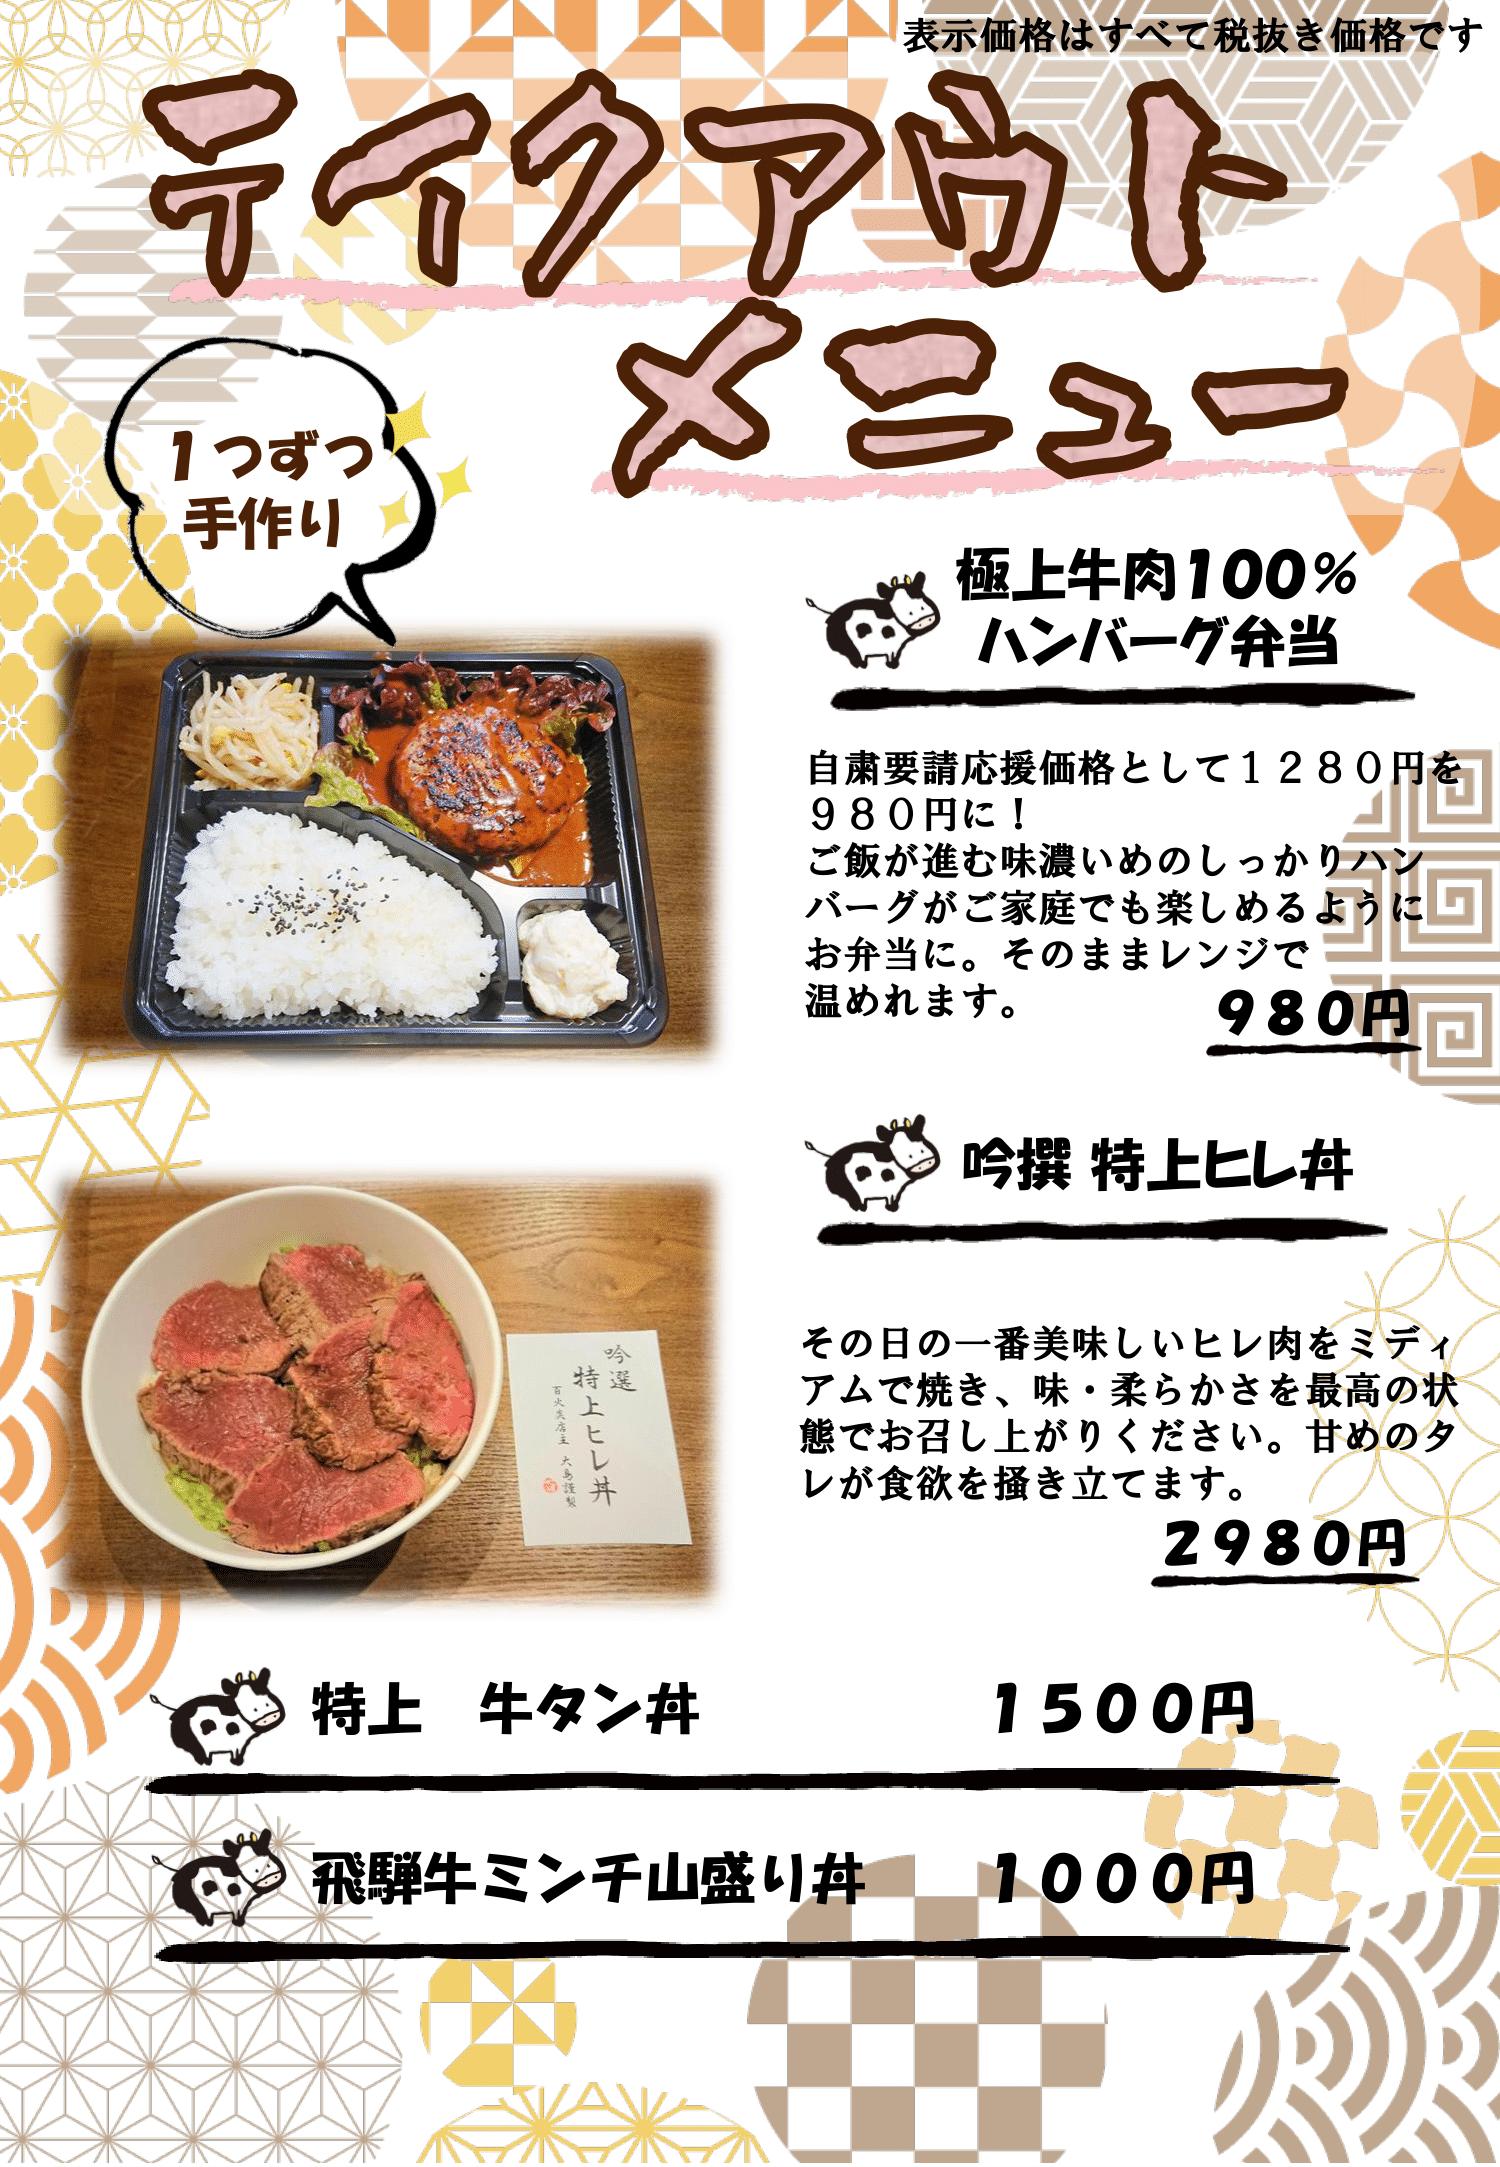 テイクアウトメニュー ハンバーグ弁当ヒレ丼印刷用-1